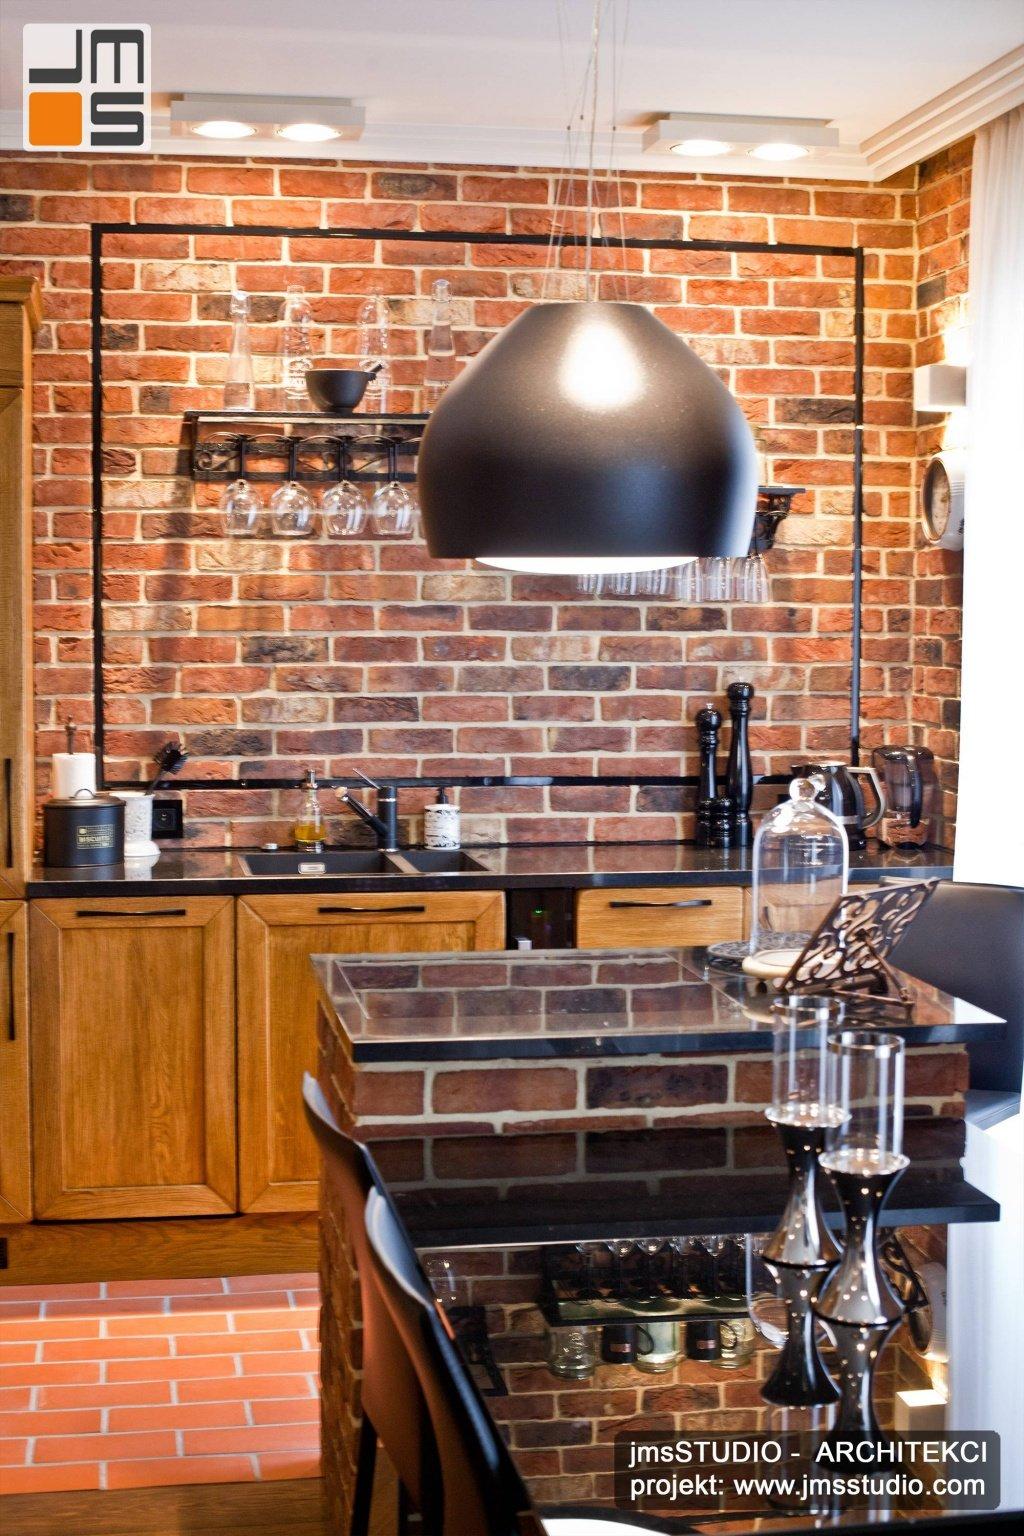 Bardzo ciekawy okap wiszący w kształcie kuli z nowoczesną lampą to projekt wnętrz kuchni z pochłaniaczem nad wyspa kuchenna z granitowy blat